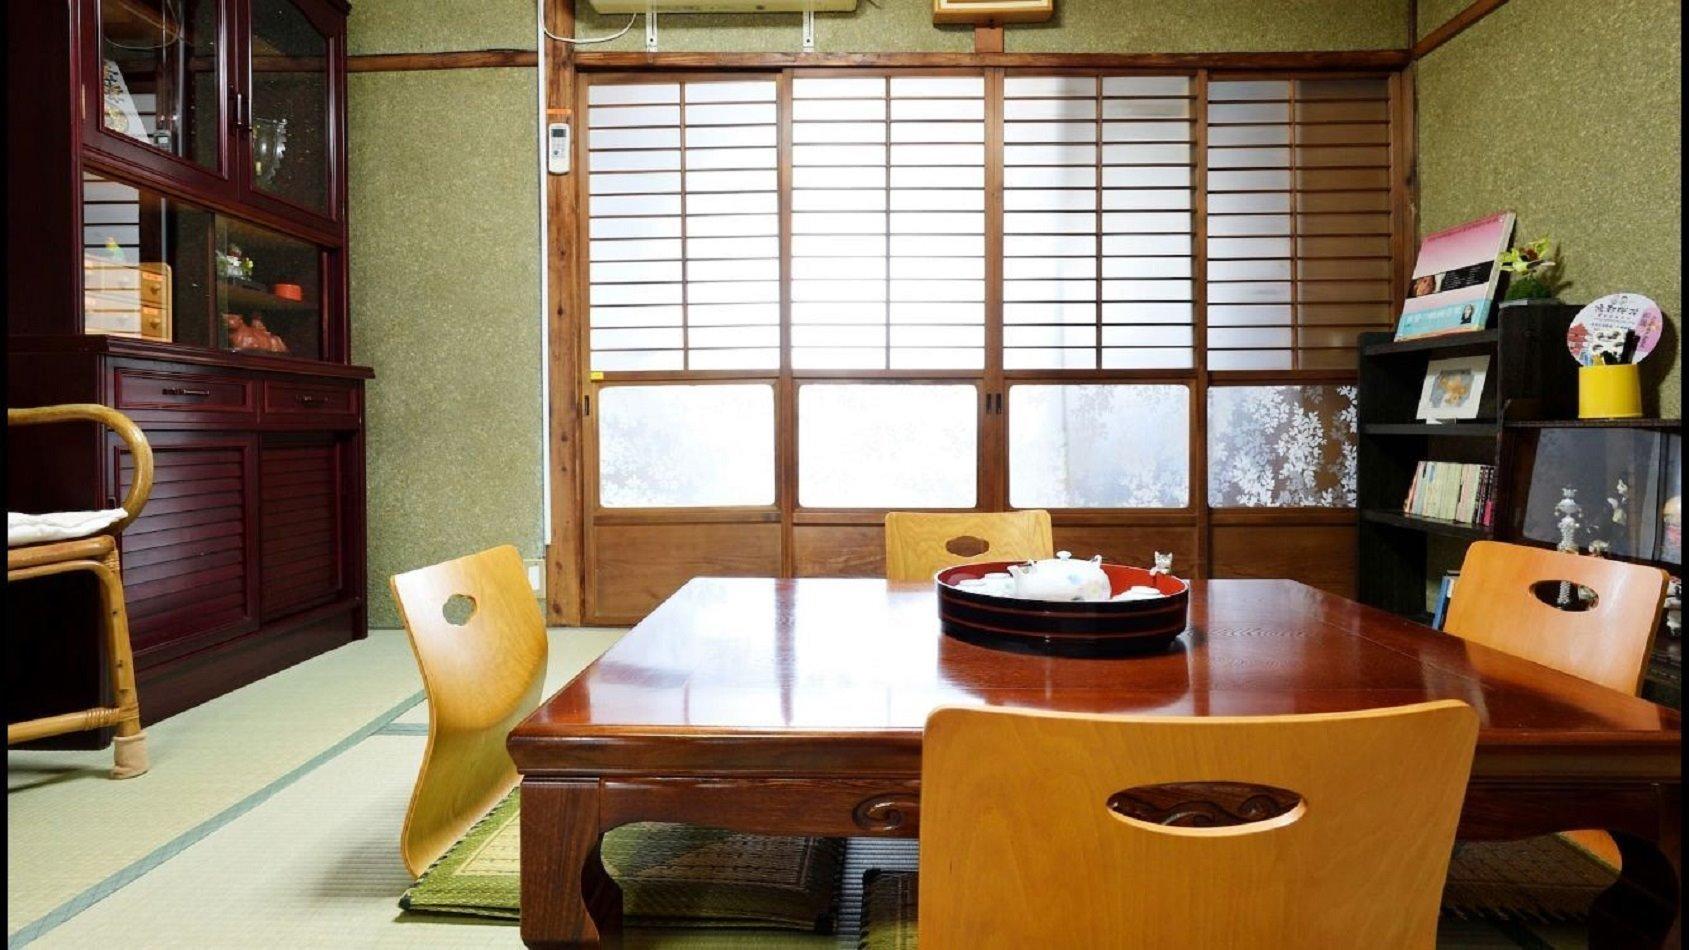 和室(畳)+洋間(ベッド)